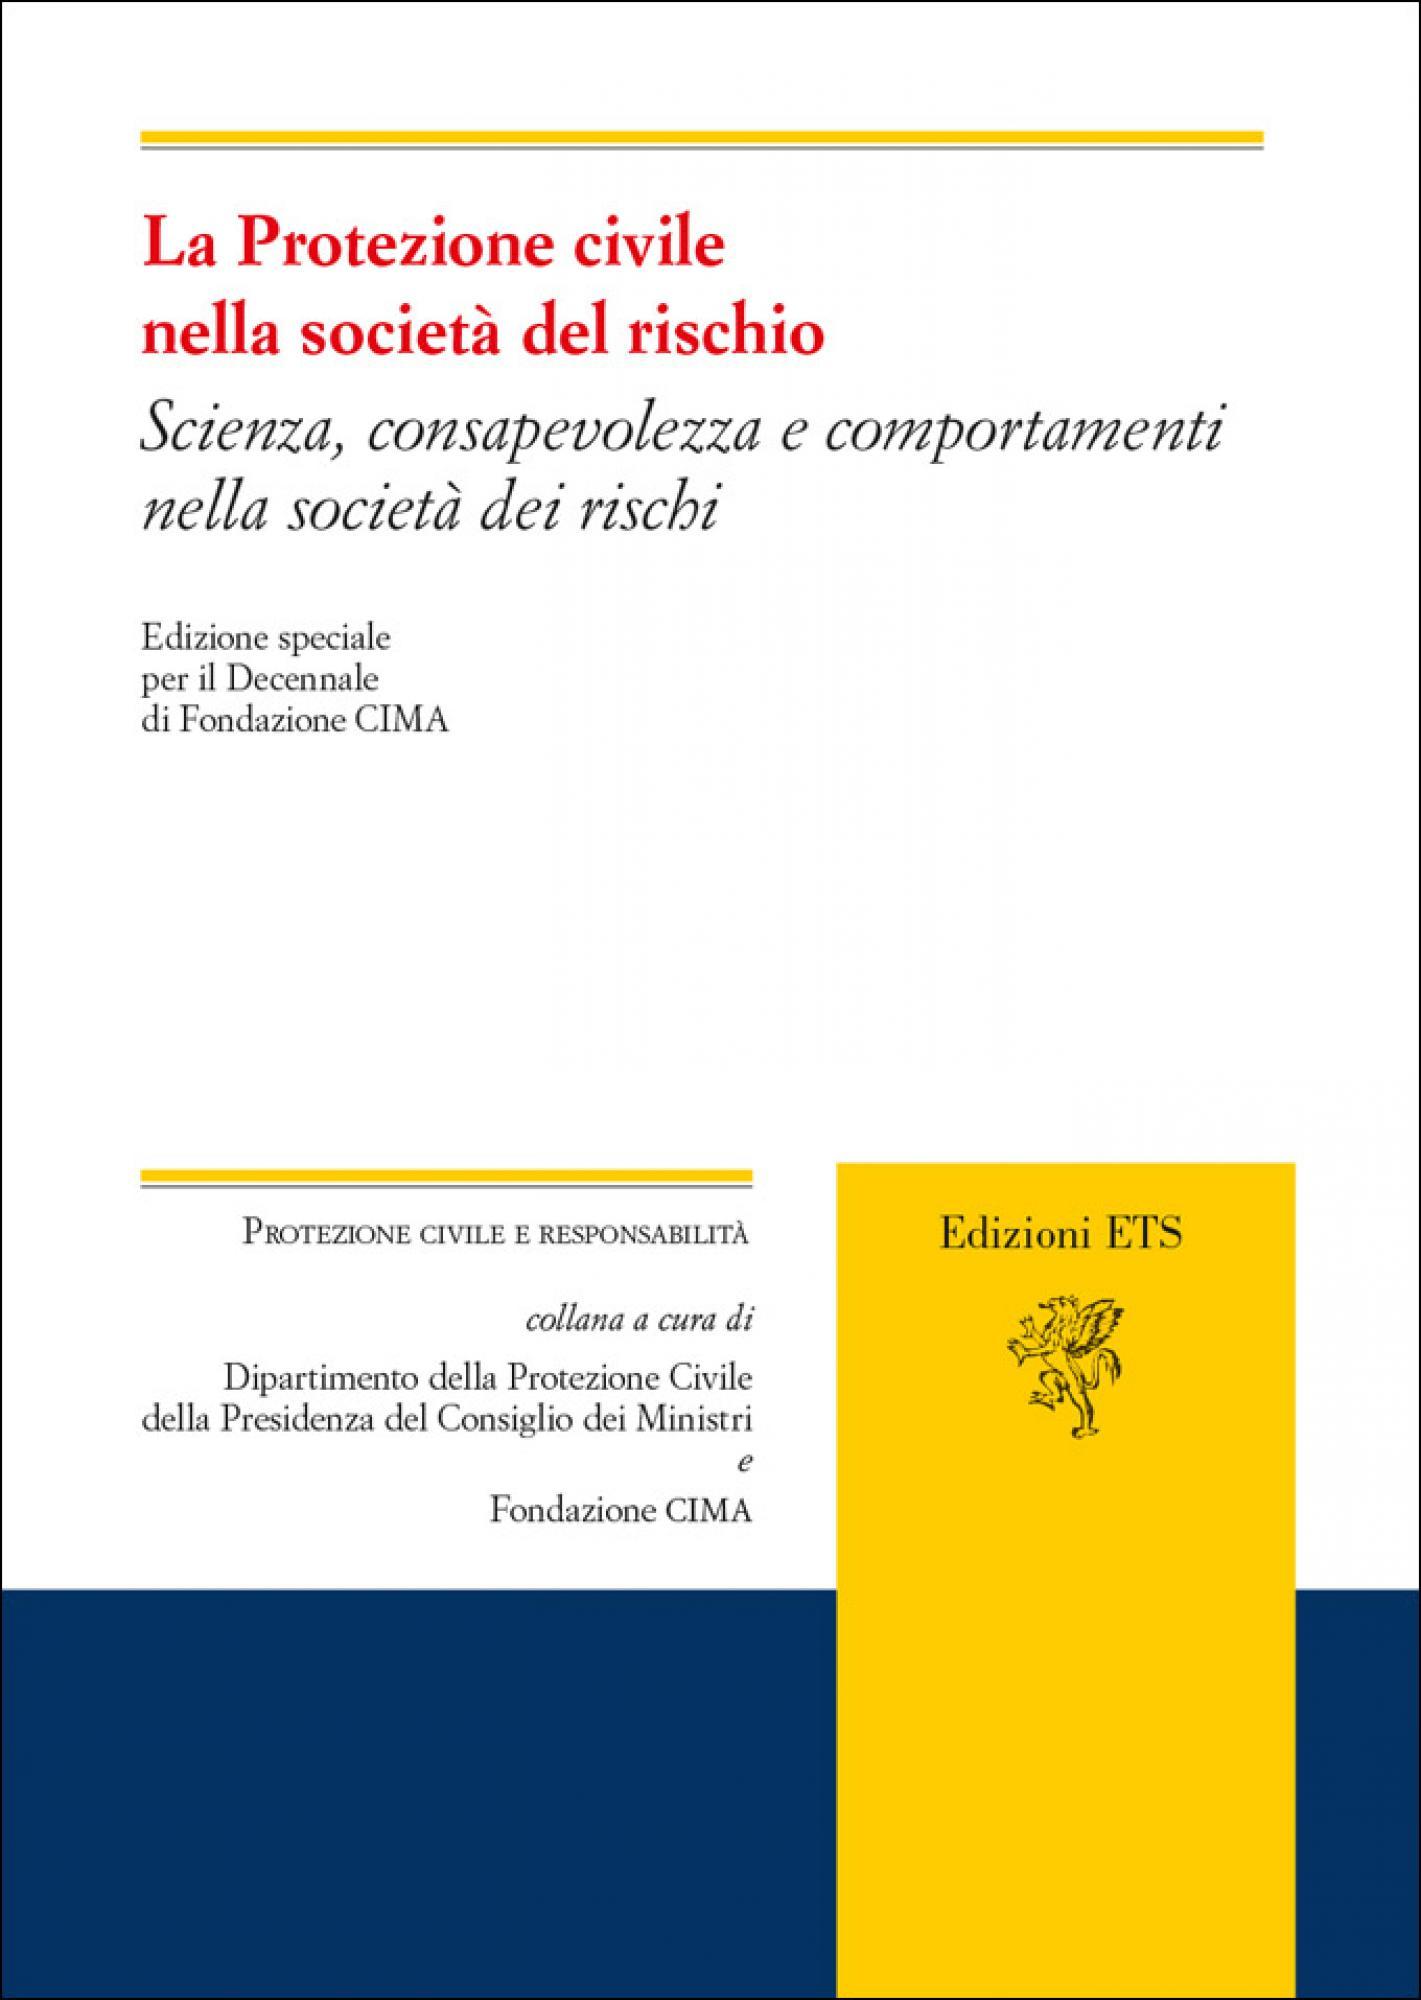 La Protezione civile nella società del rischio.Scienza, consapevolezza e comportamenti nella società dei rischi